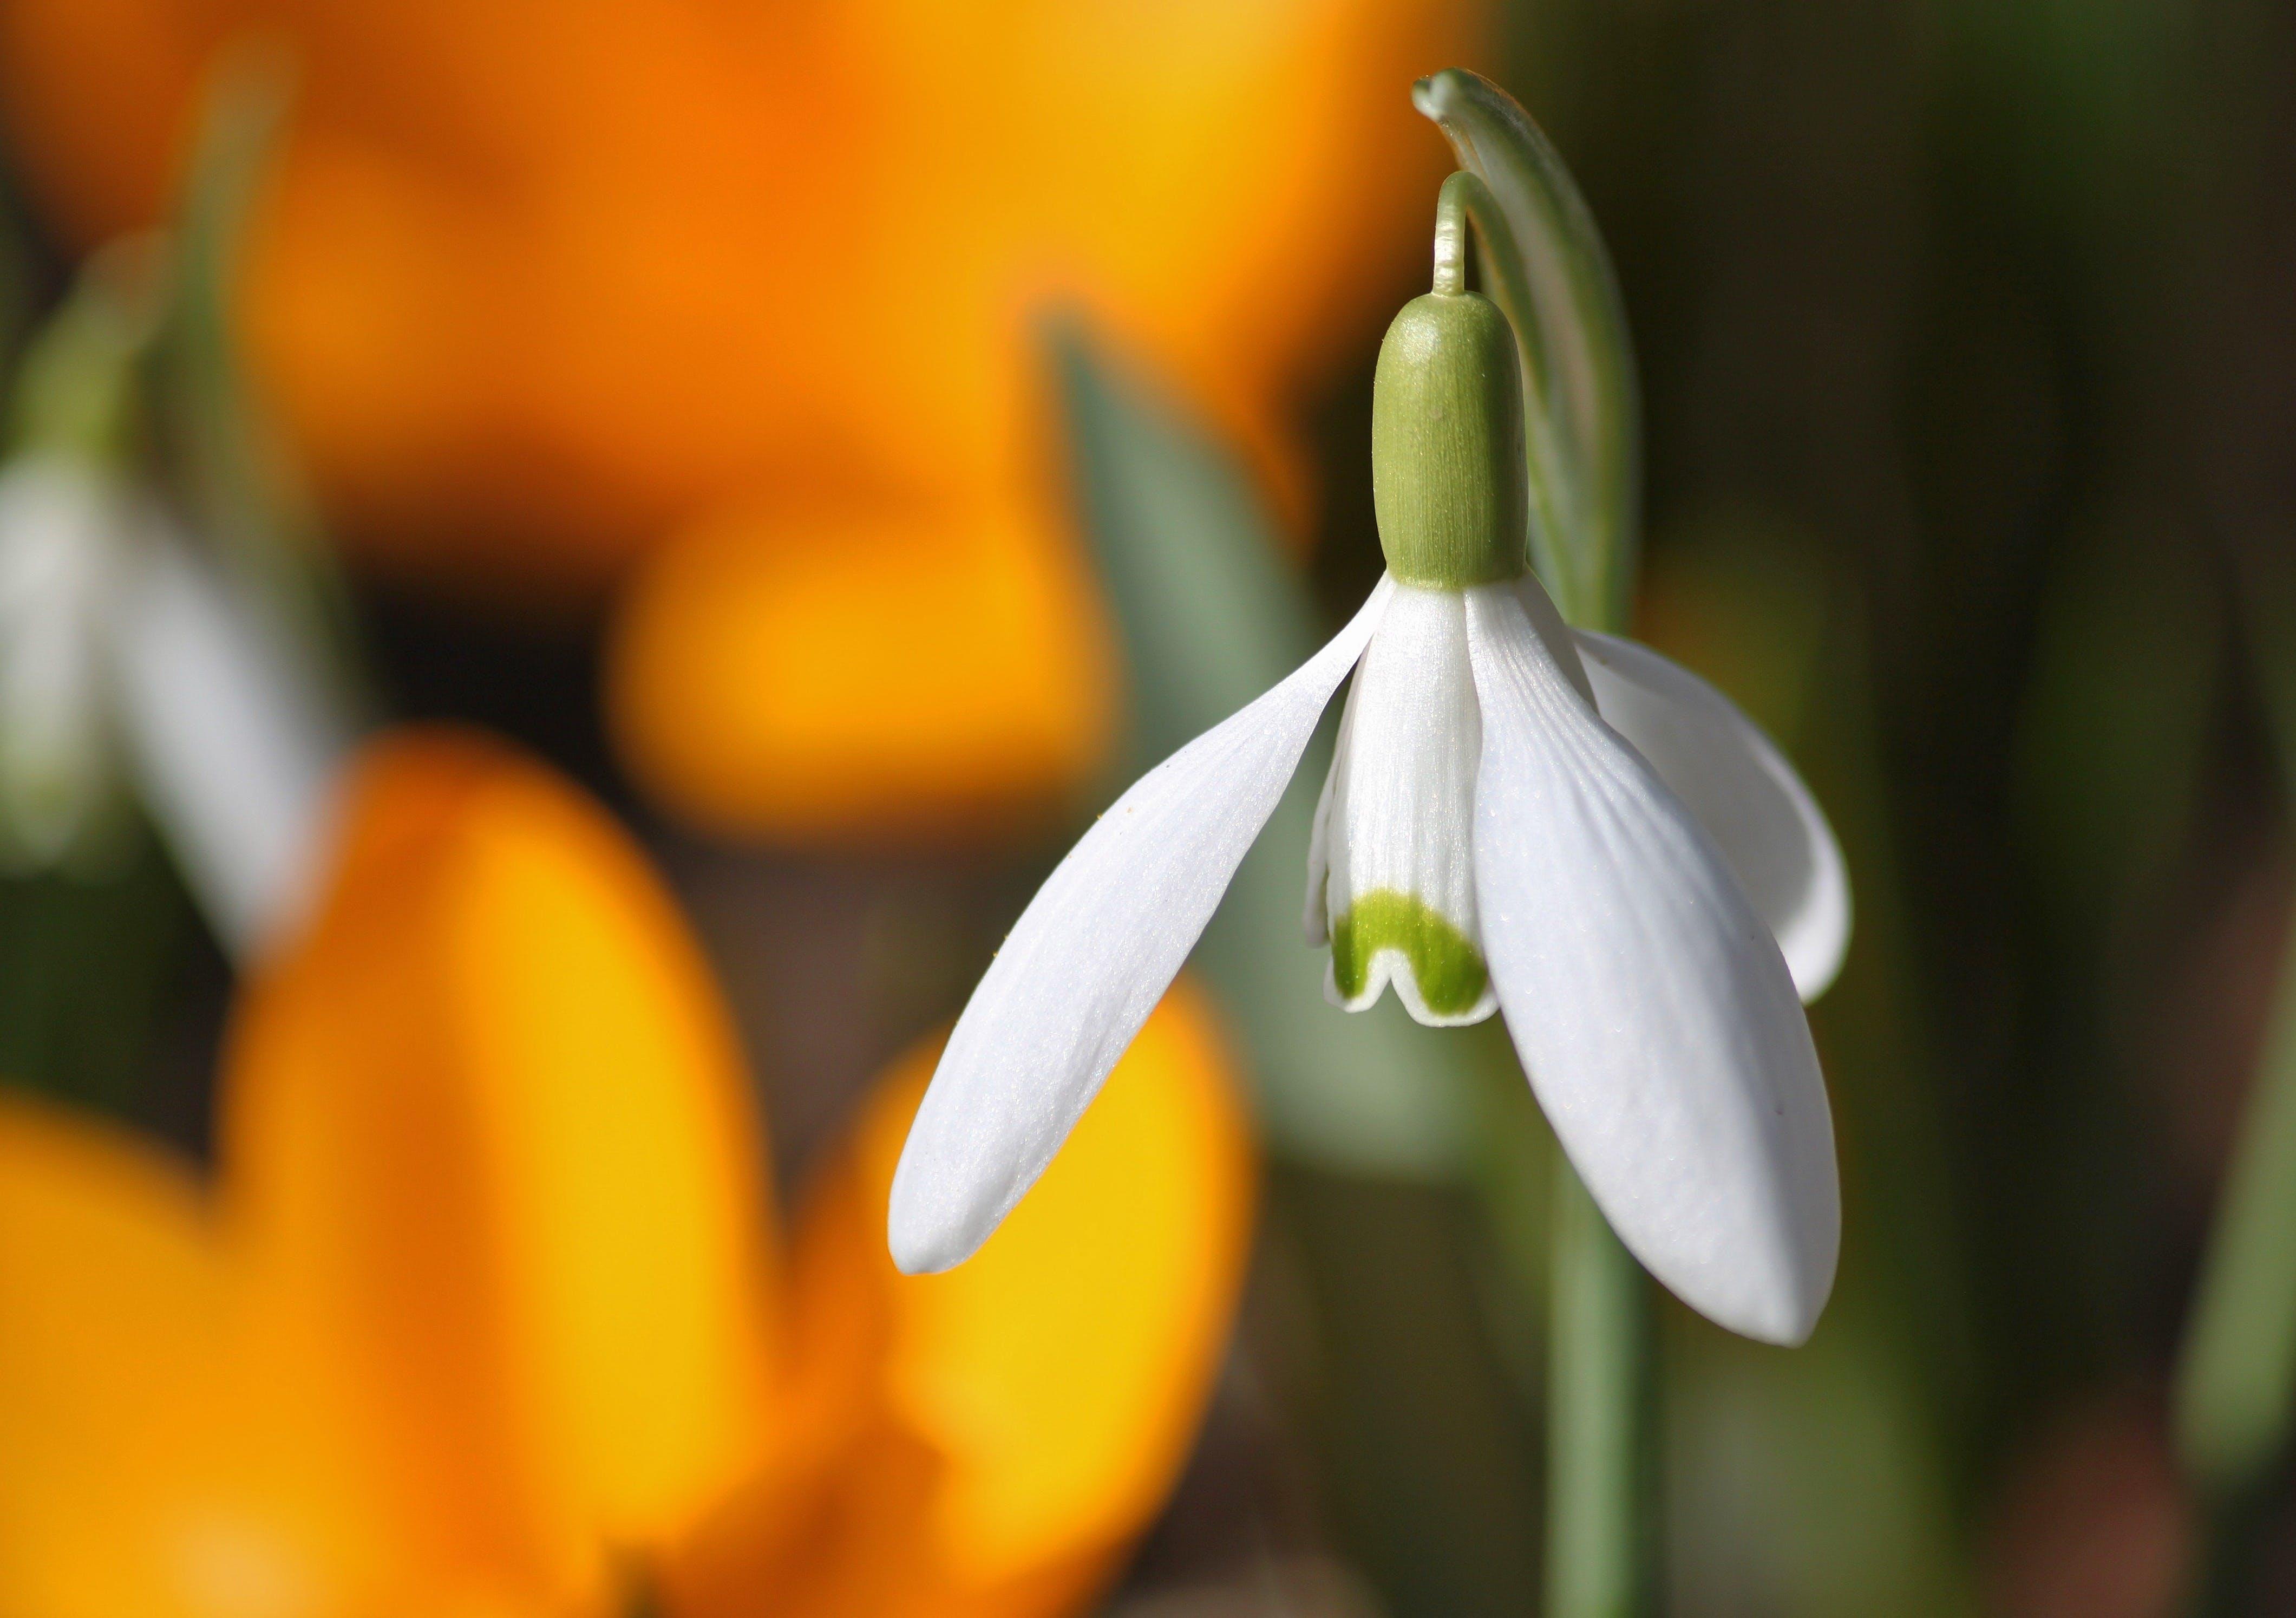 White Flower Bud